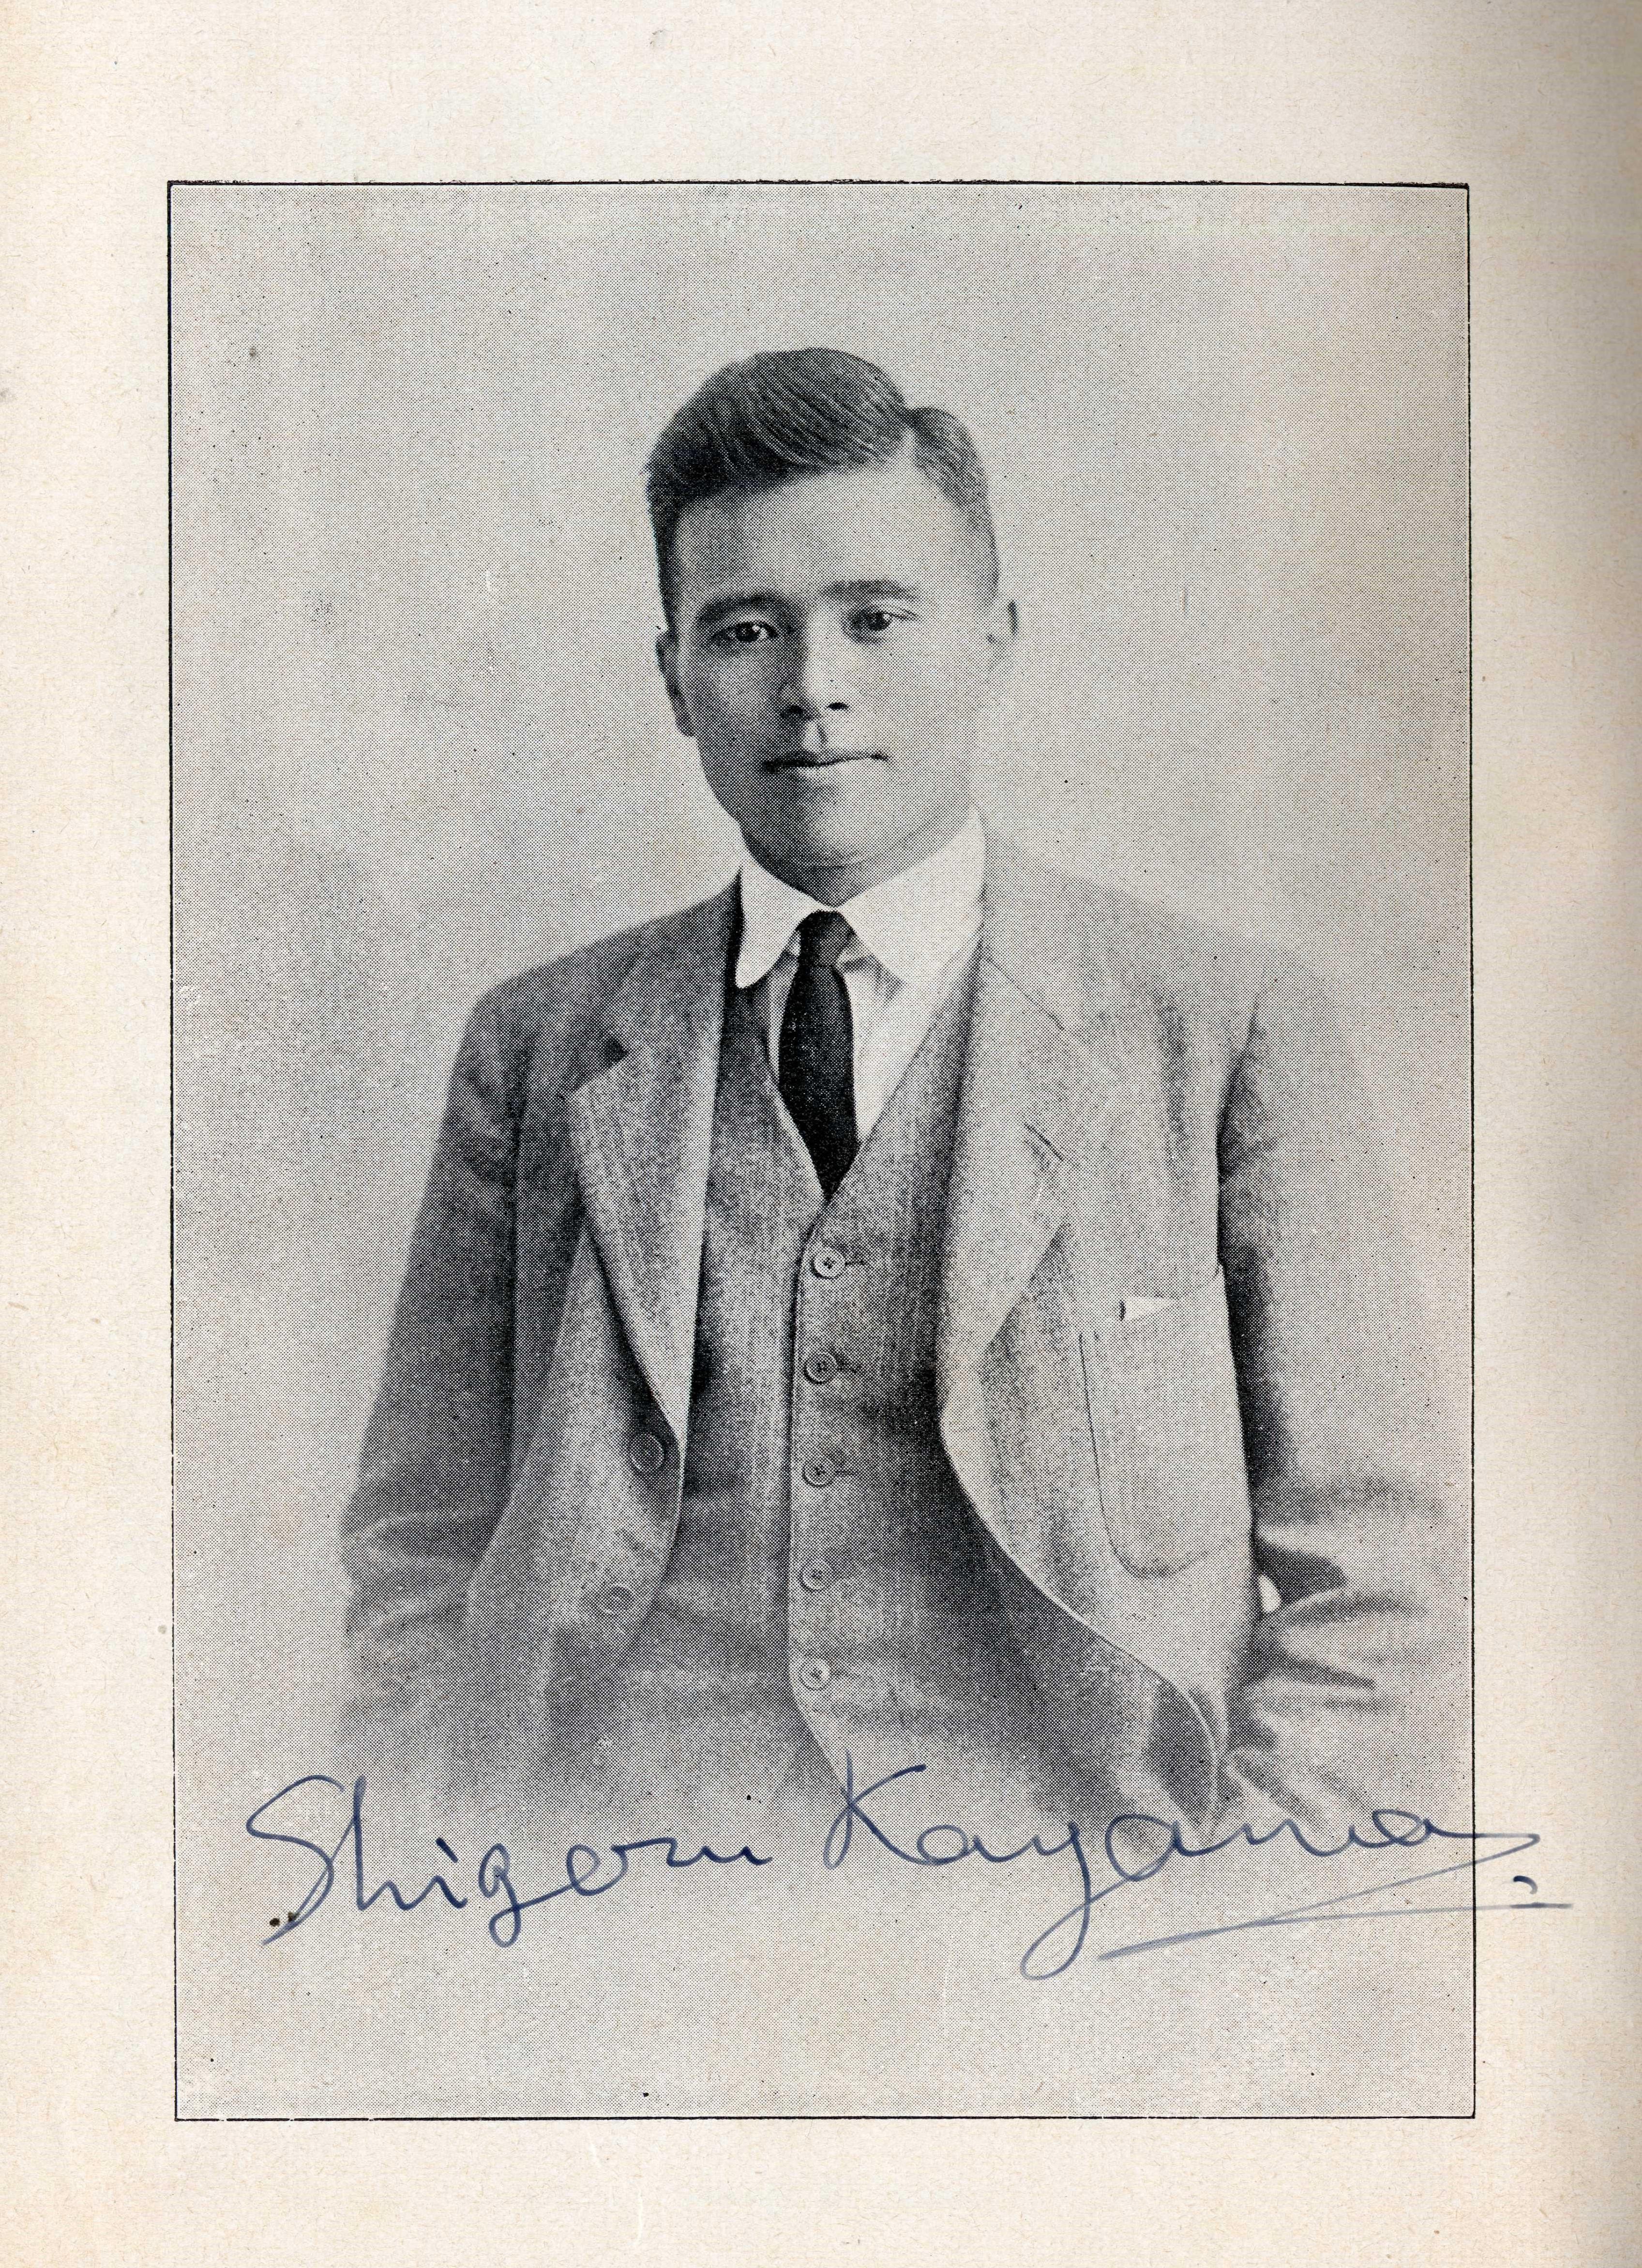 Shigeru Kayama